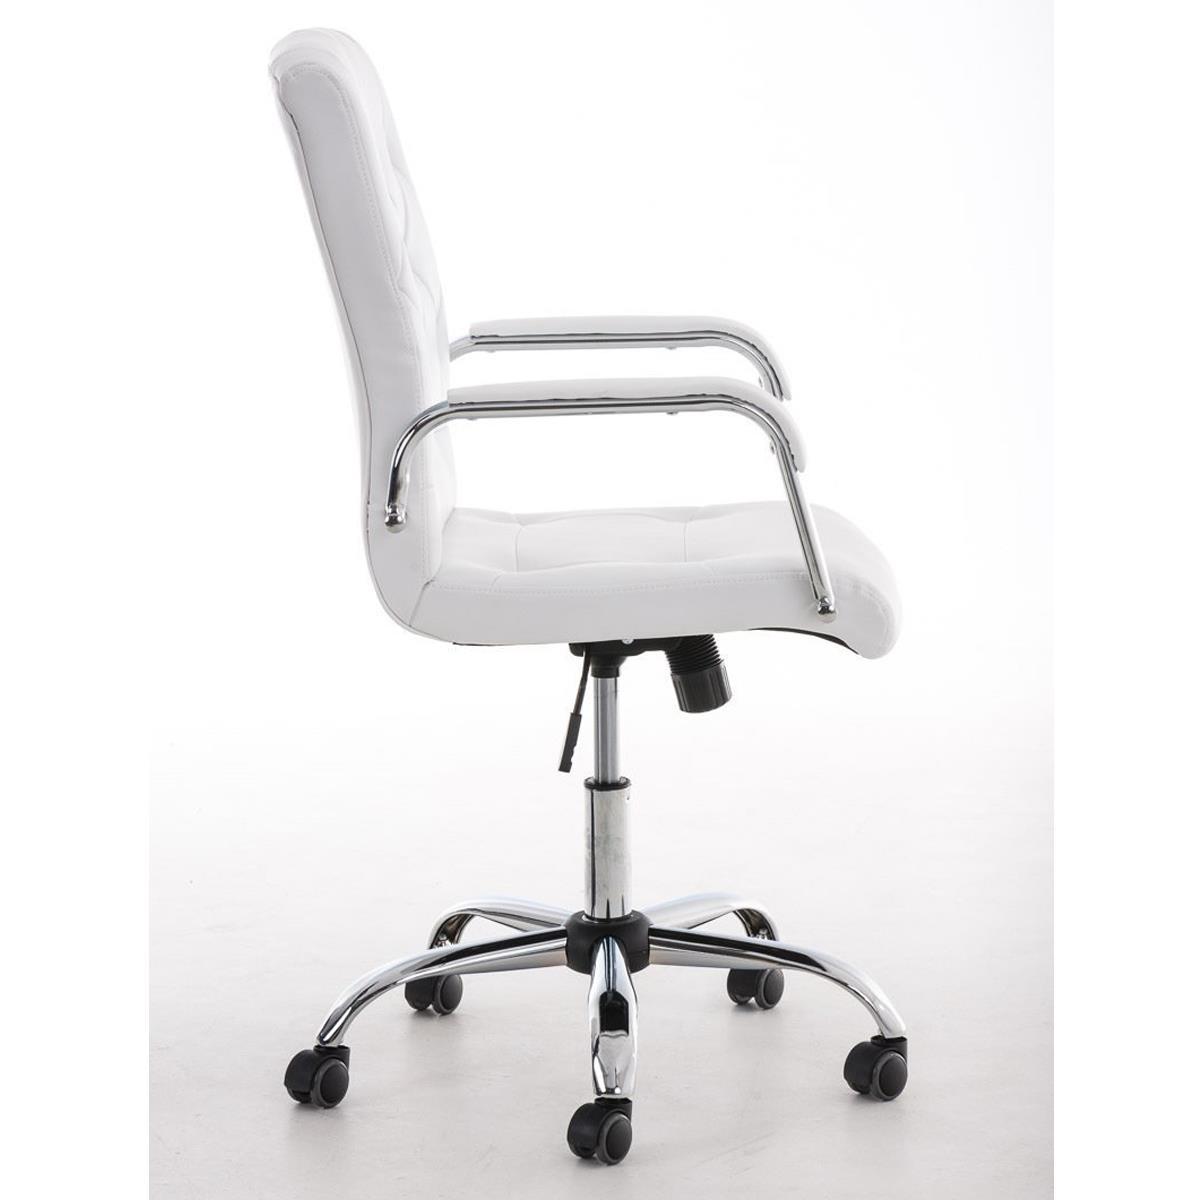 Vantaggi e svantaggi di una sedia per scrivania senza ruote: Novità ...